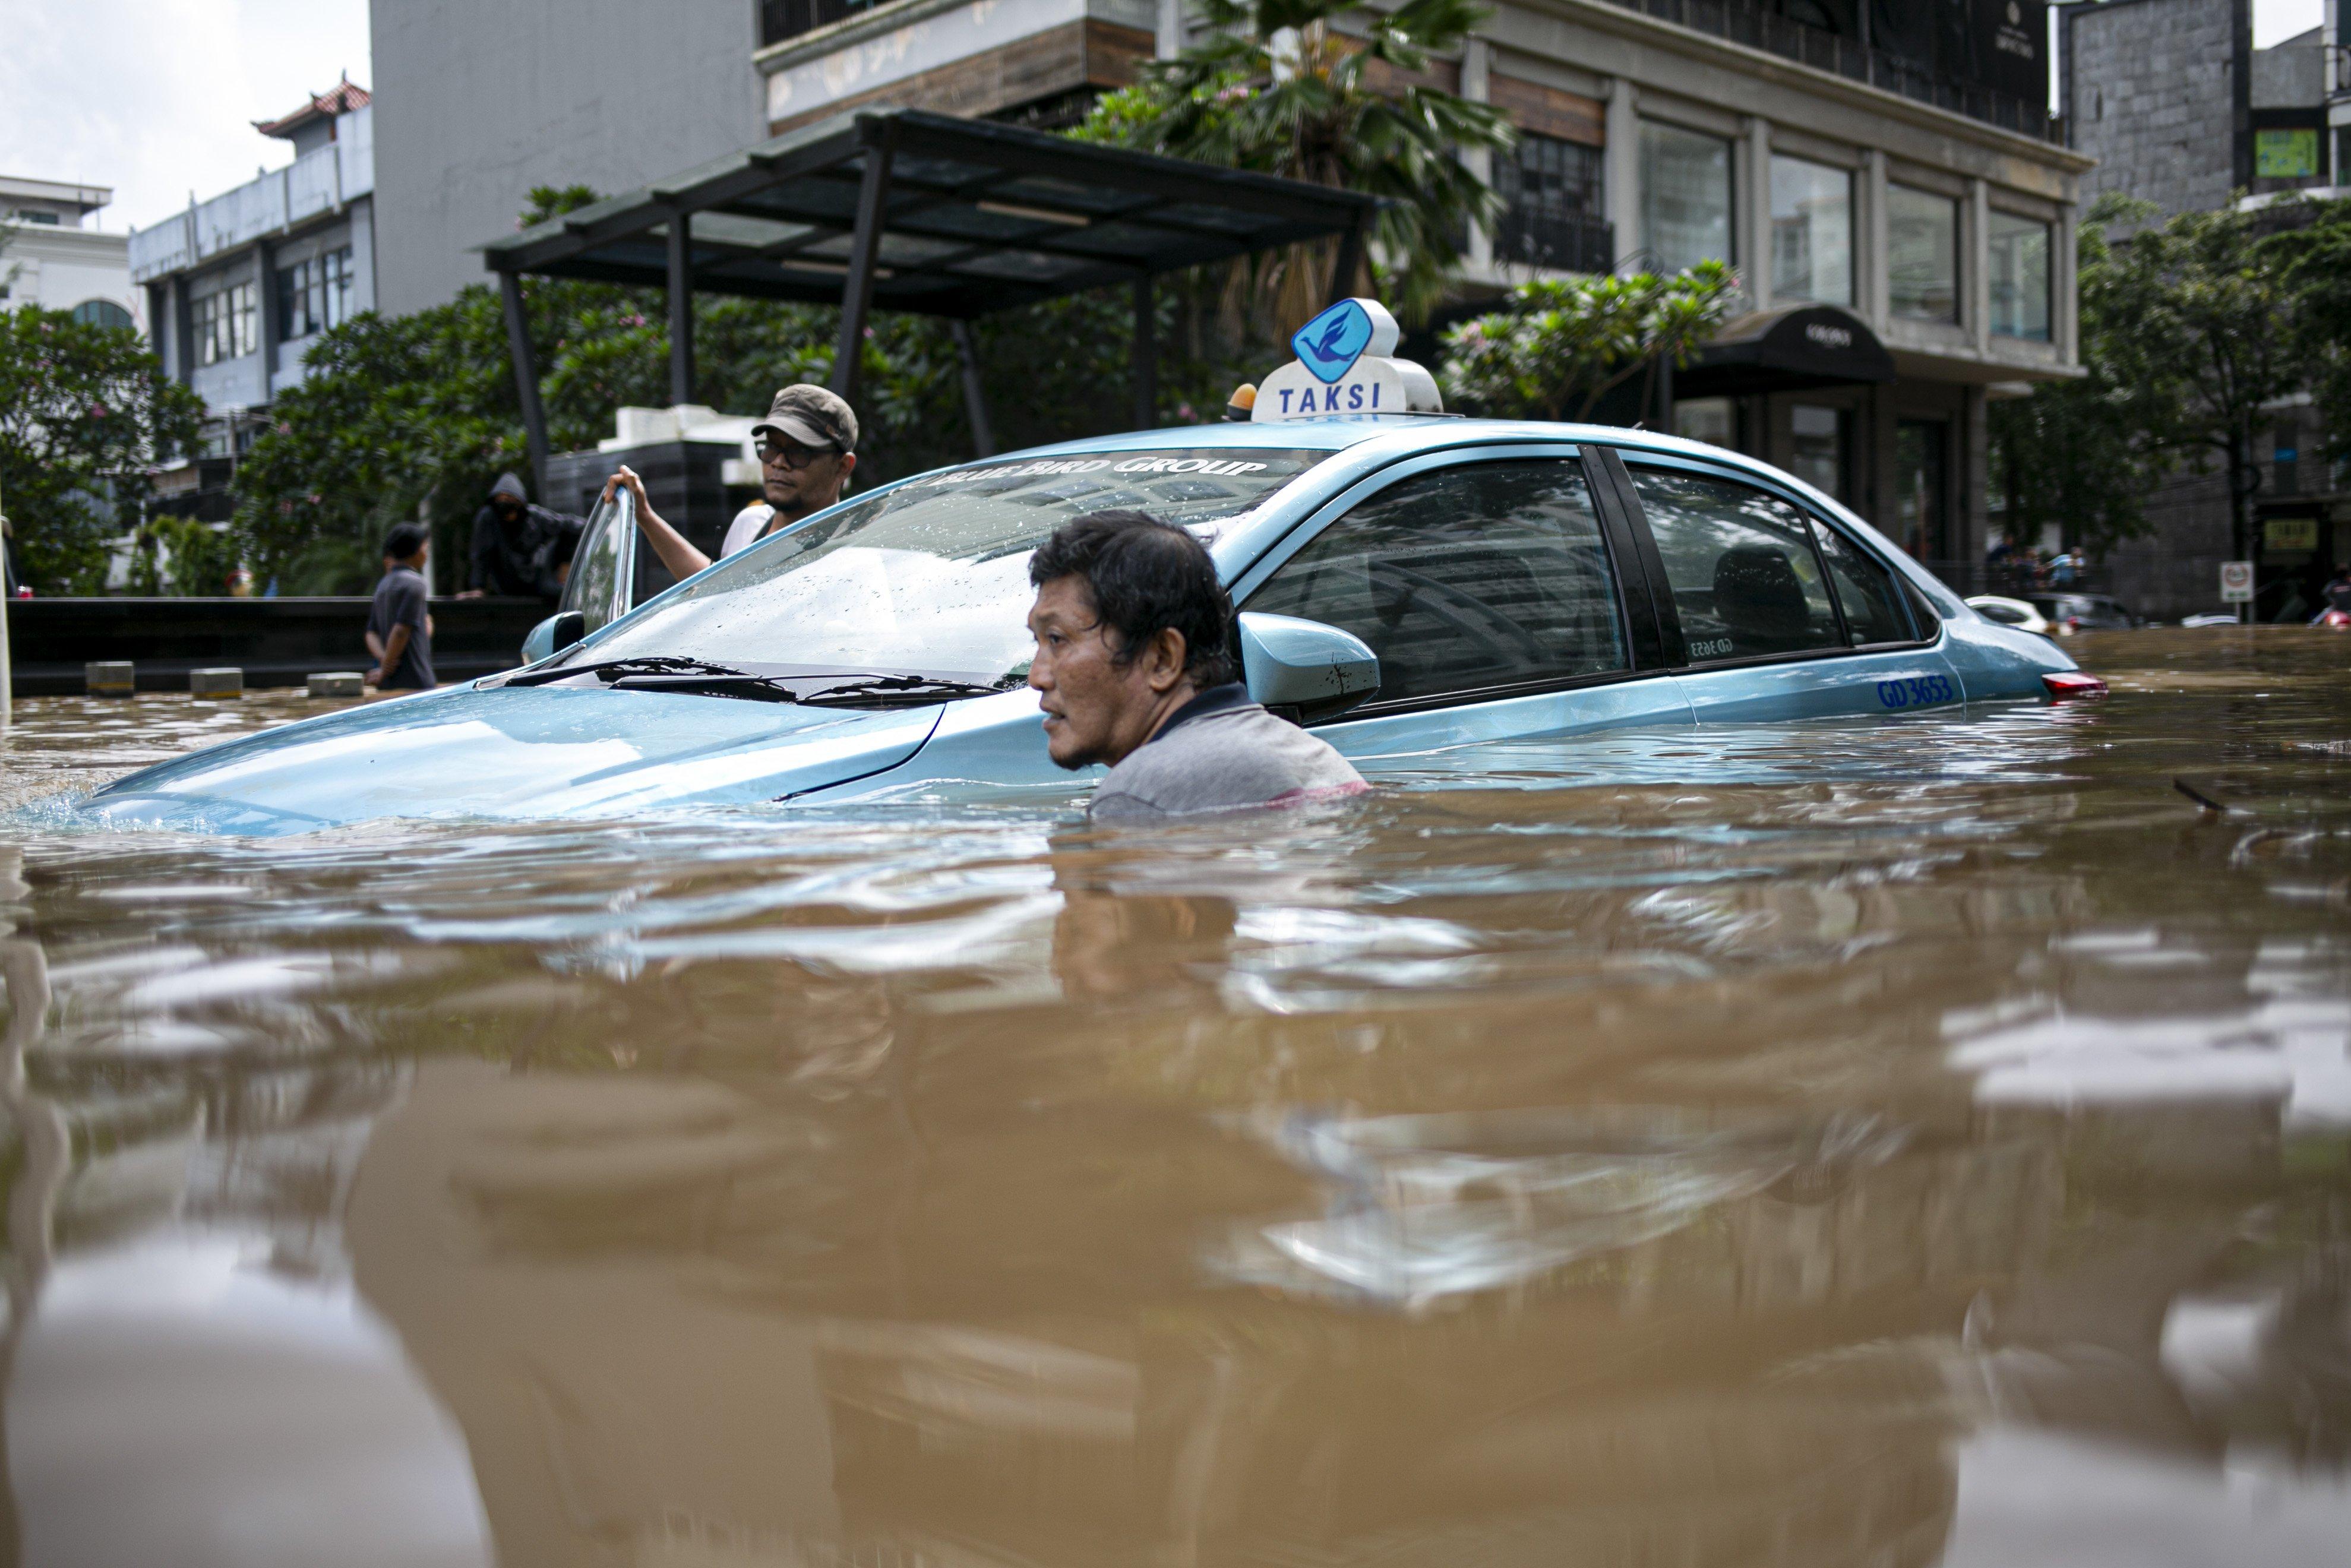 Warga berusaha mengevakuasi mobil yang terendam banjir di kawasan Kemang, Jakarta Selatan, Sabtu (20/2/2021). Banjir yang terjadi akibat curah hujan tinggi serta drainase yang buruk membuat kawasan Kemang banjir setinggi 1,5 meter.